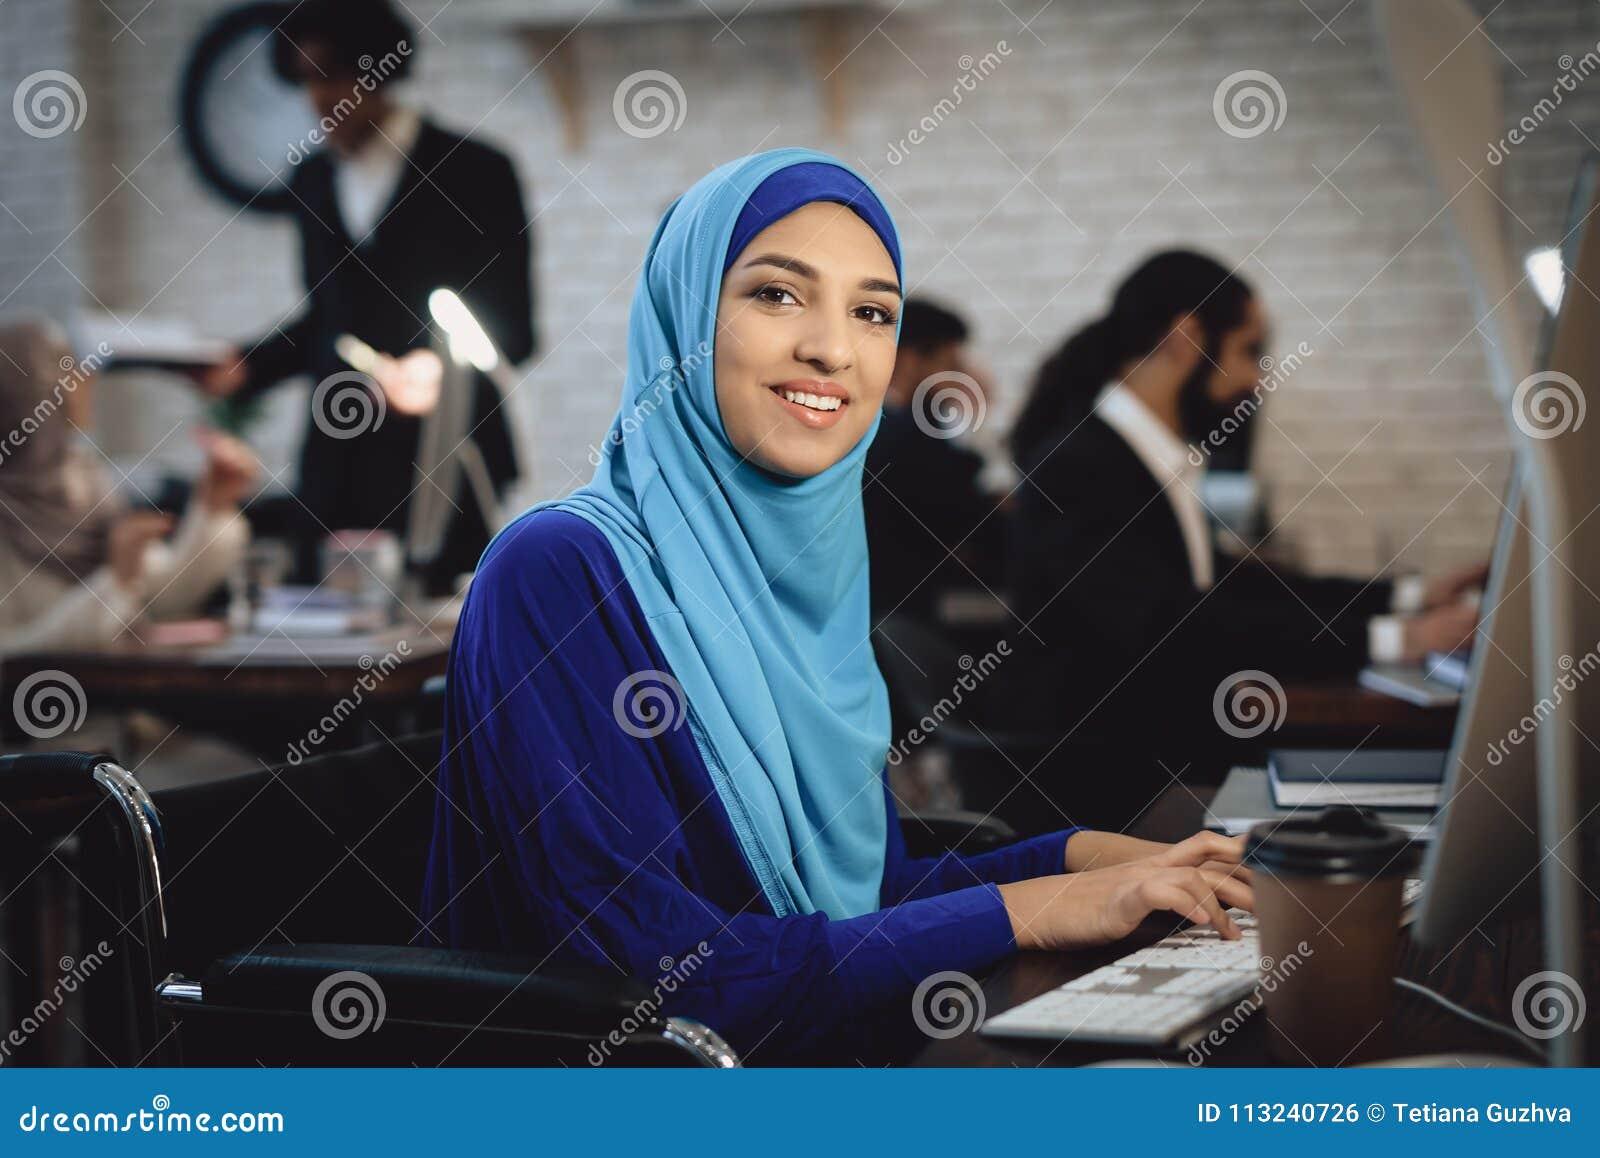 Gehandicapte Arabische vrouw in rolstoel die in bureau werken De vrouw werkt aan bureaucomputer